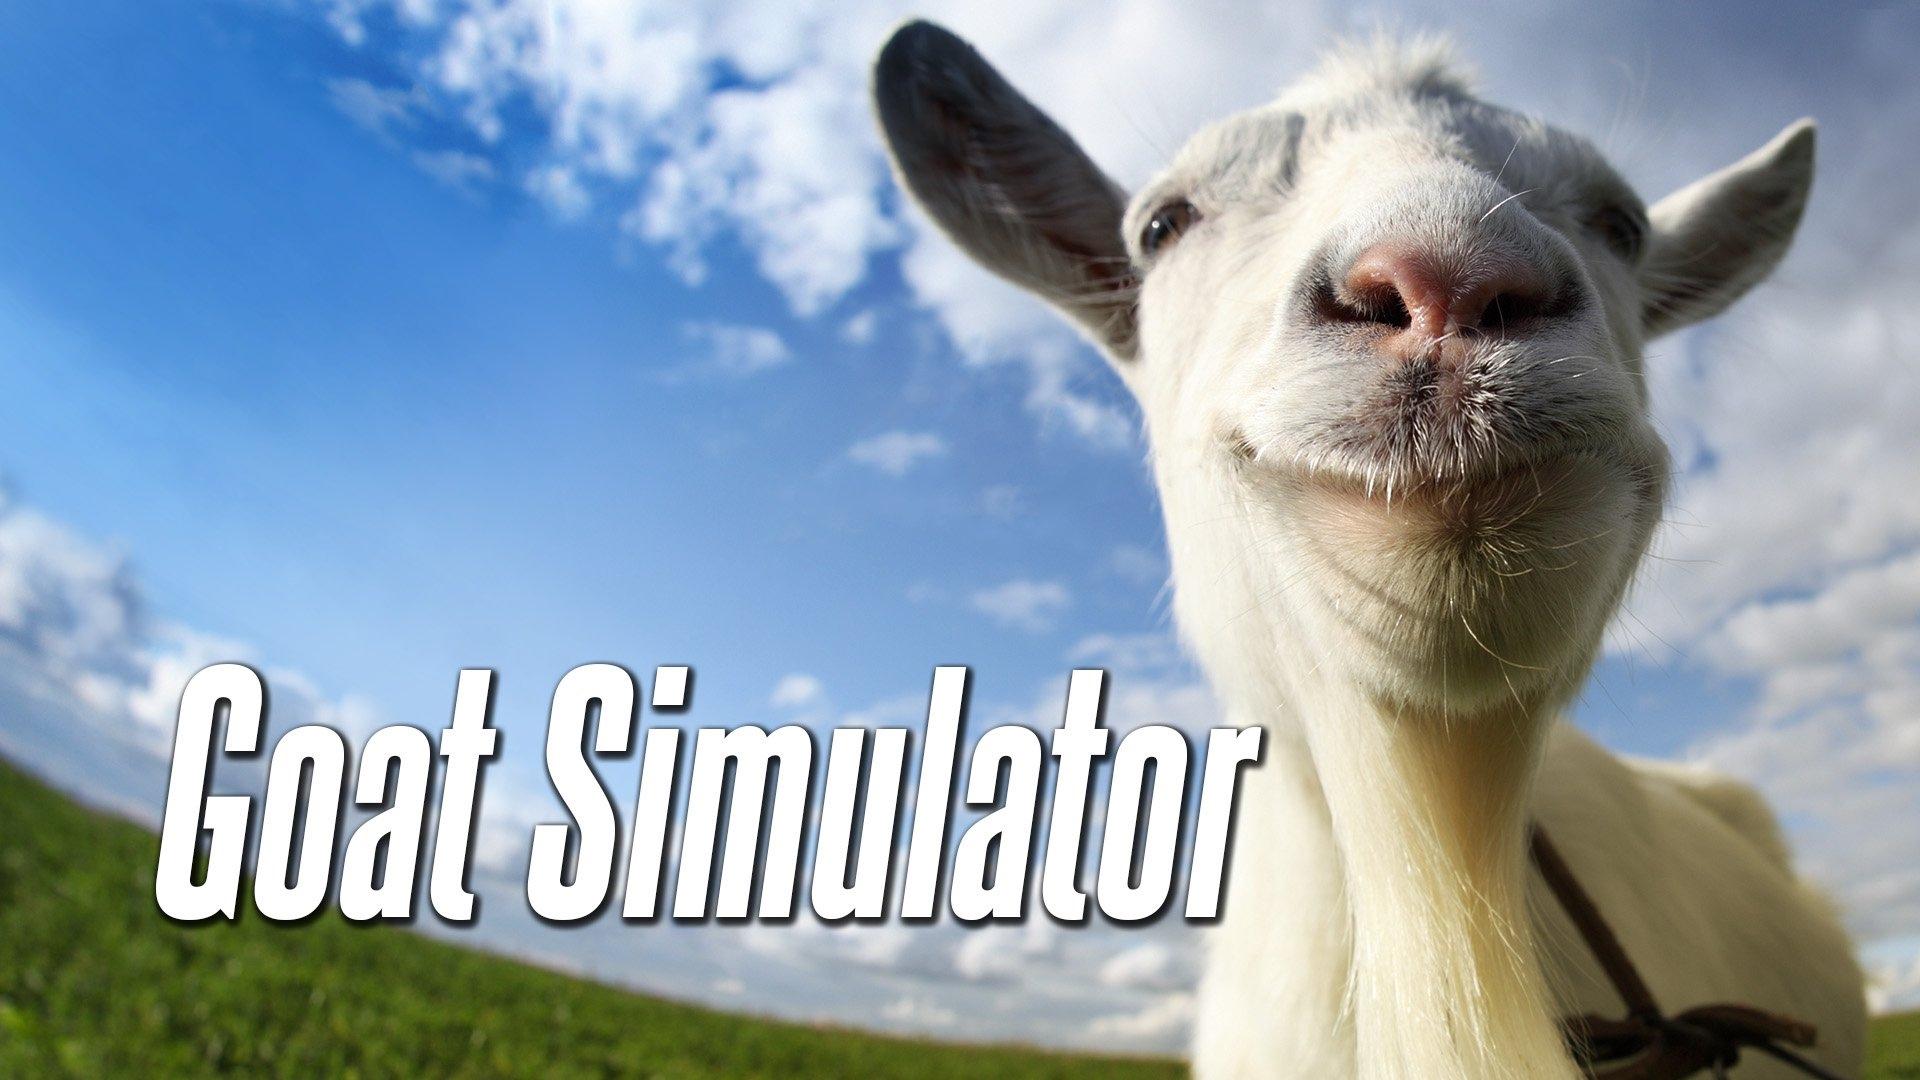 《山羊模拟器》开创了「猎奇派模拟器」的新领域。